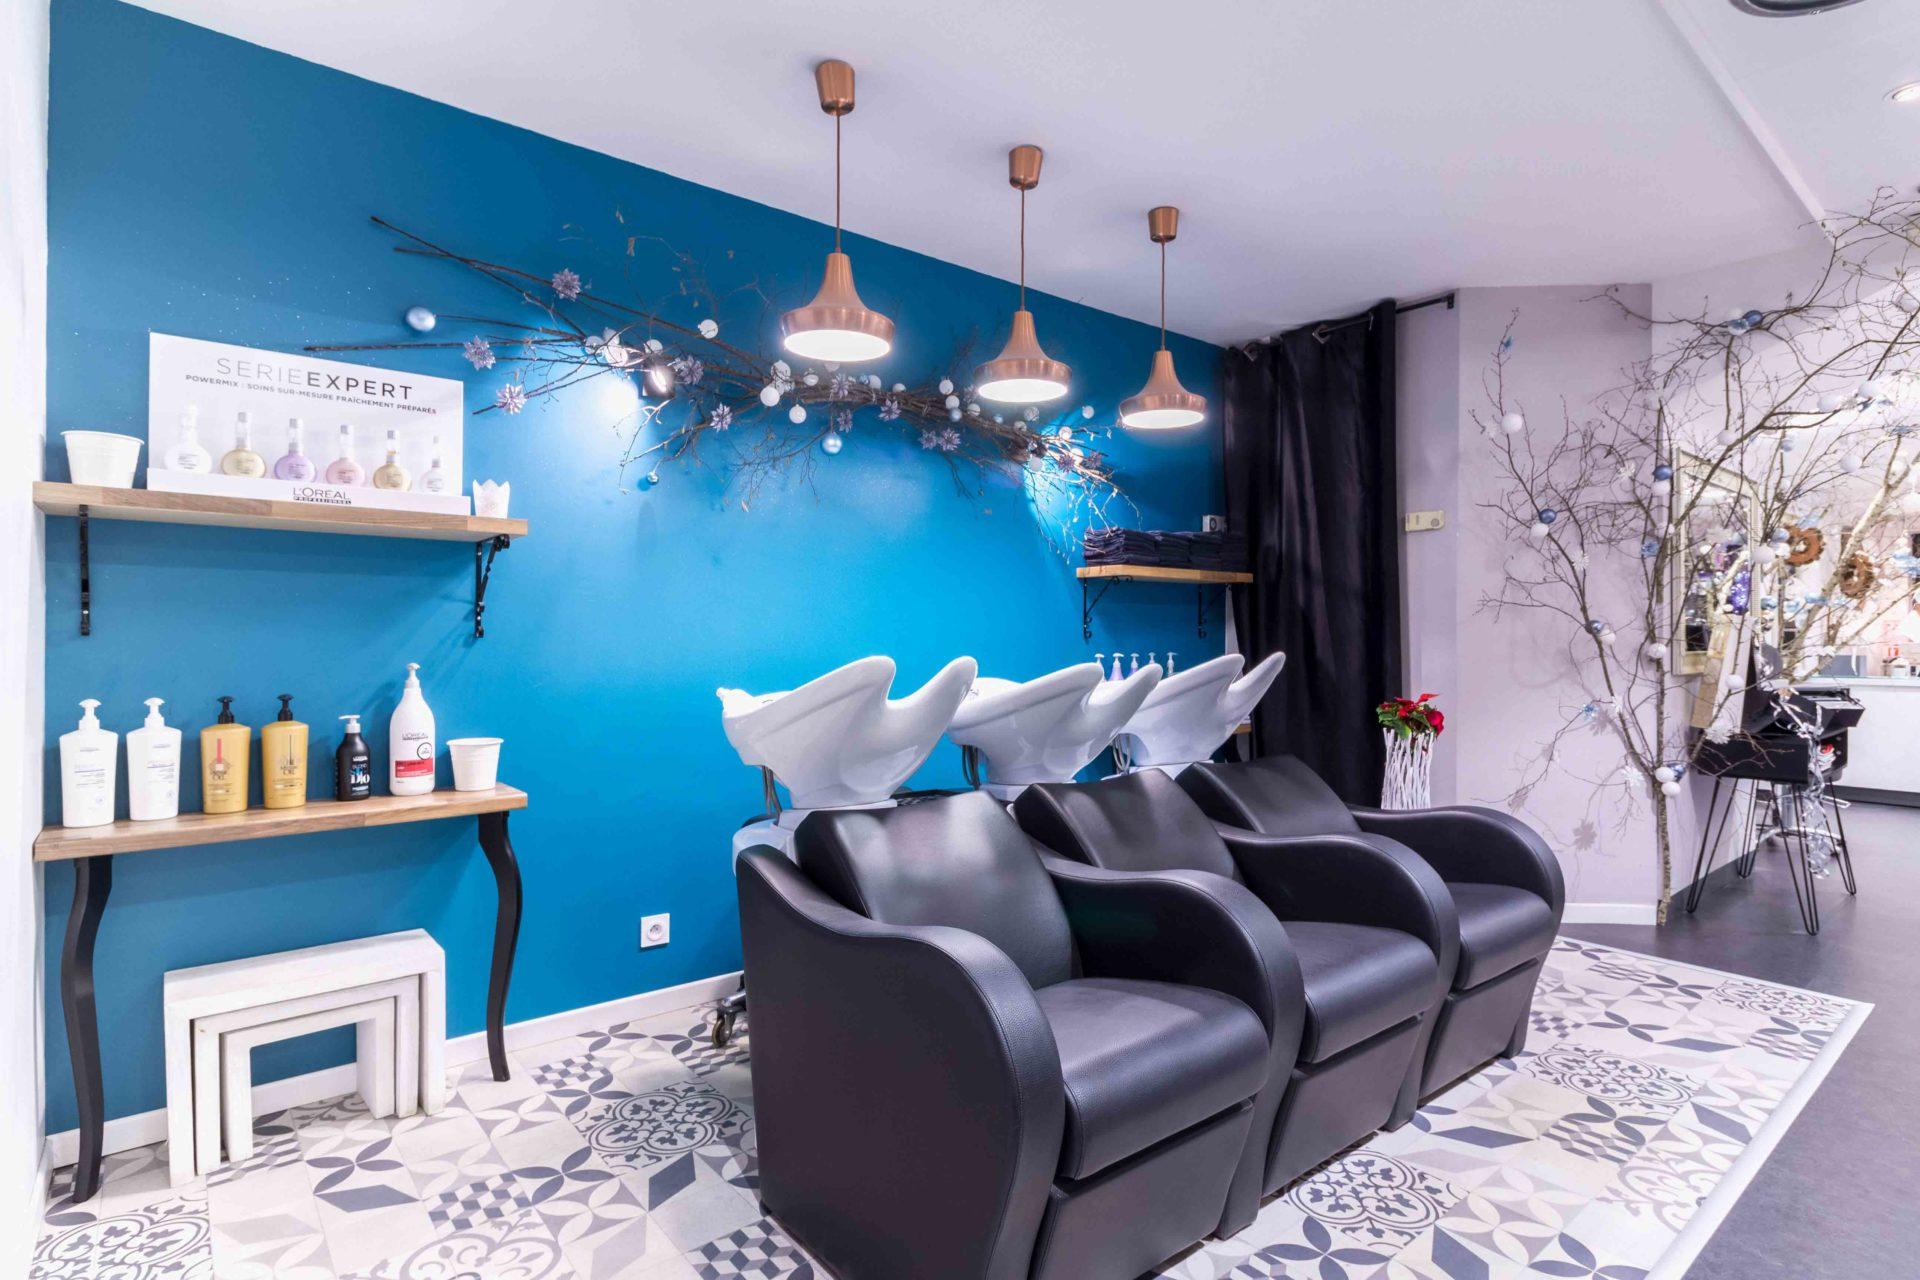 photographie-d-interieur-salon-coiffure-Lourdes-bacs-shampoing-décoration-Noël